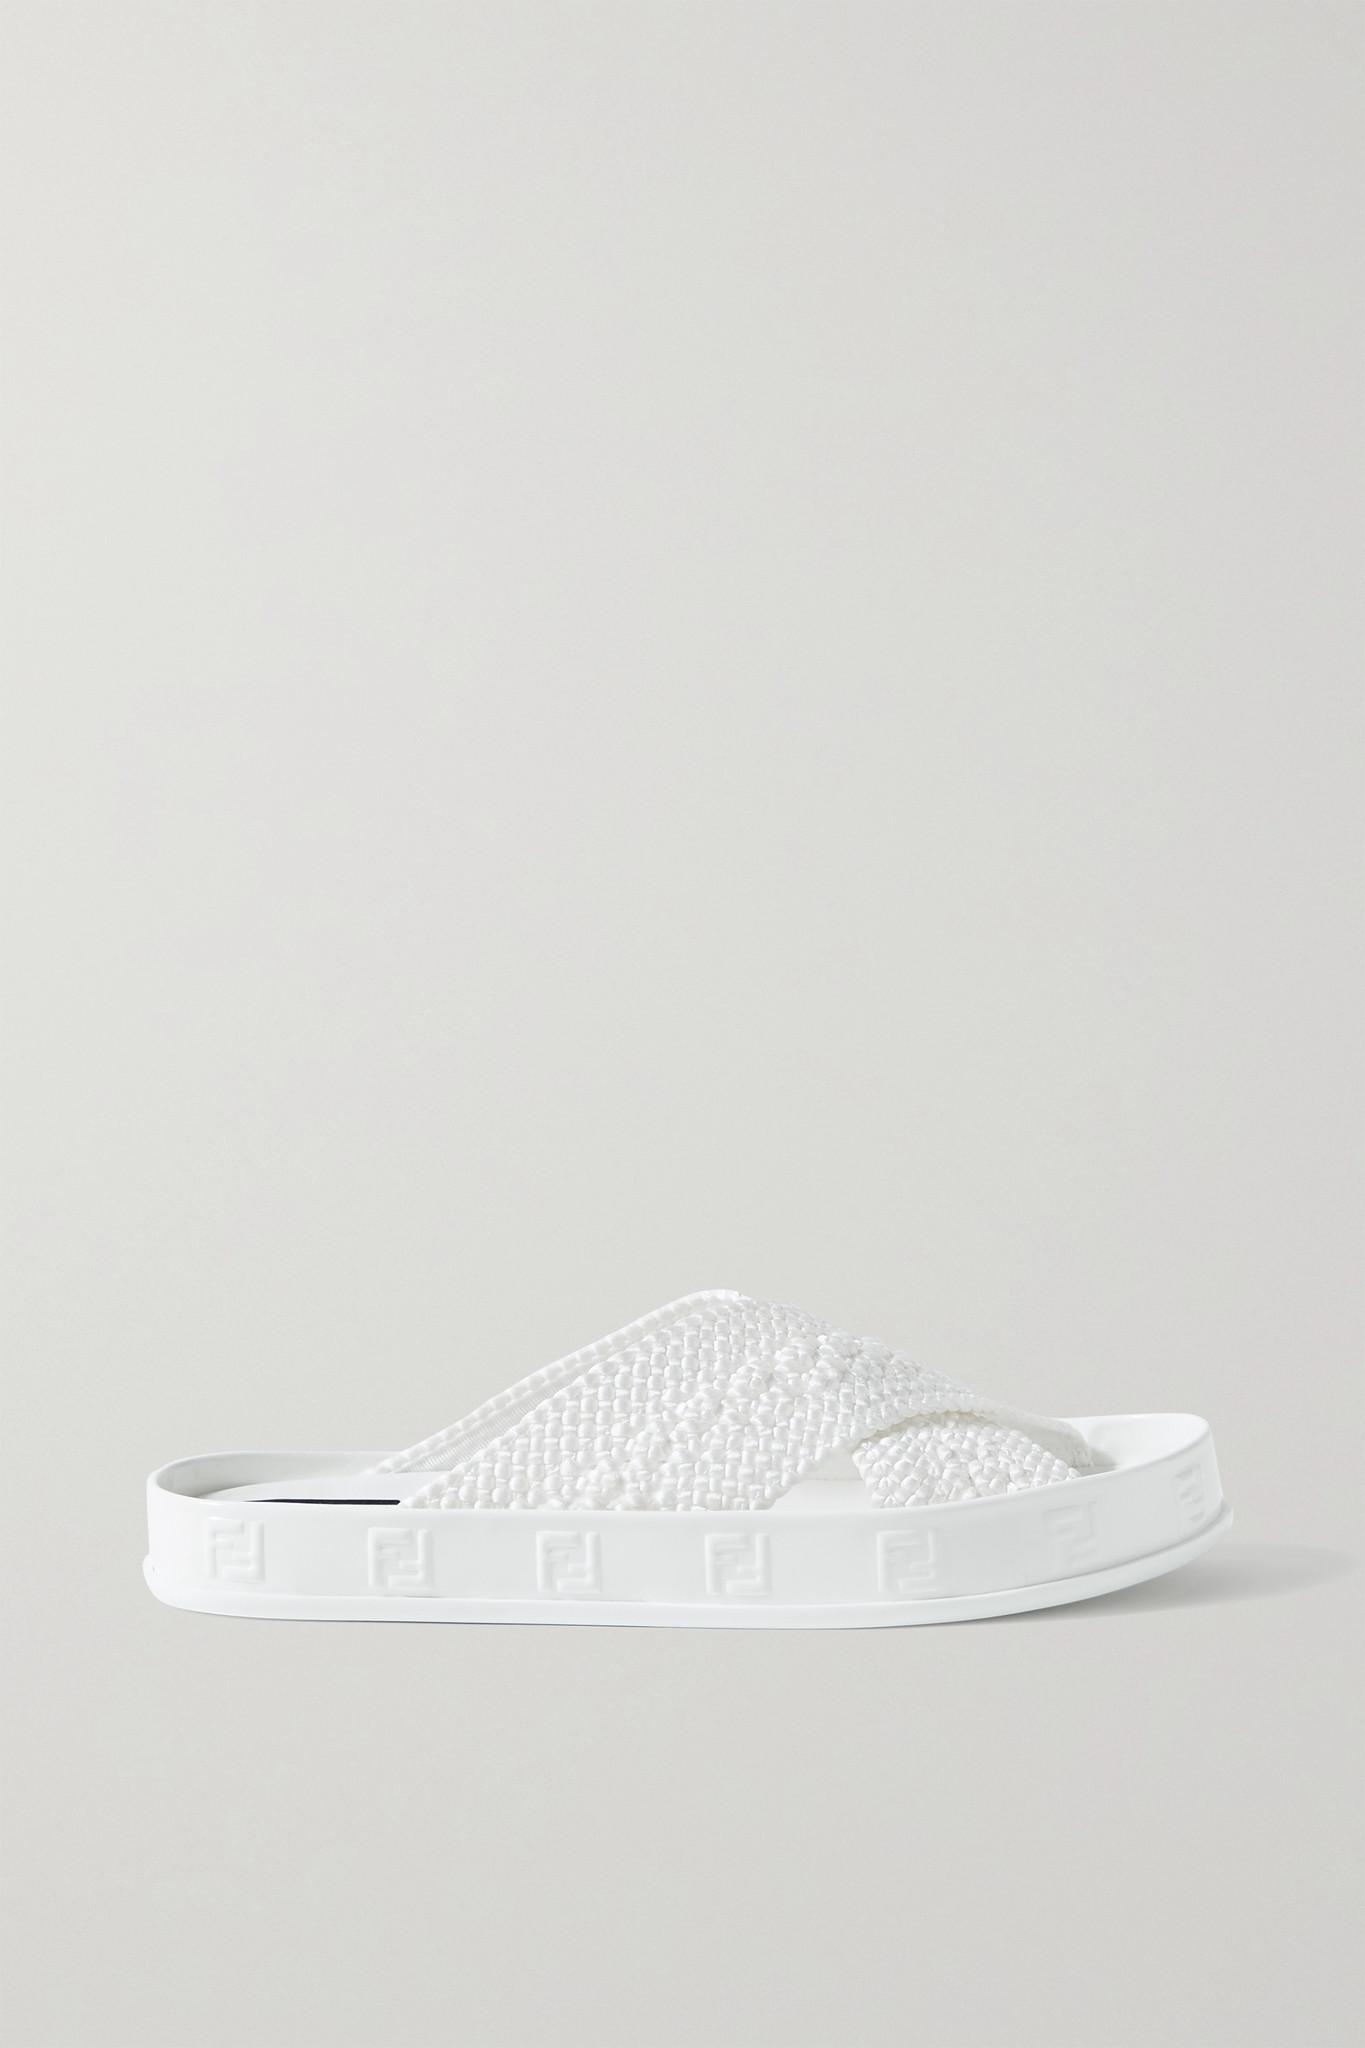 FENDI - Braided Satin Slides - White - IT39.5